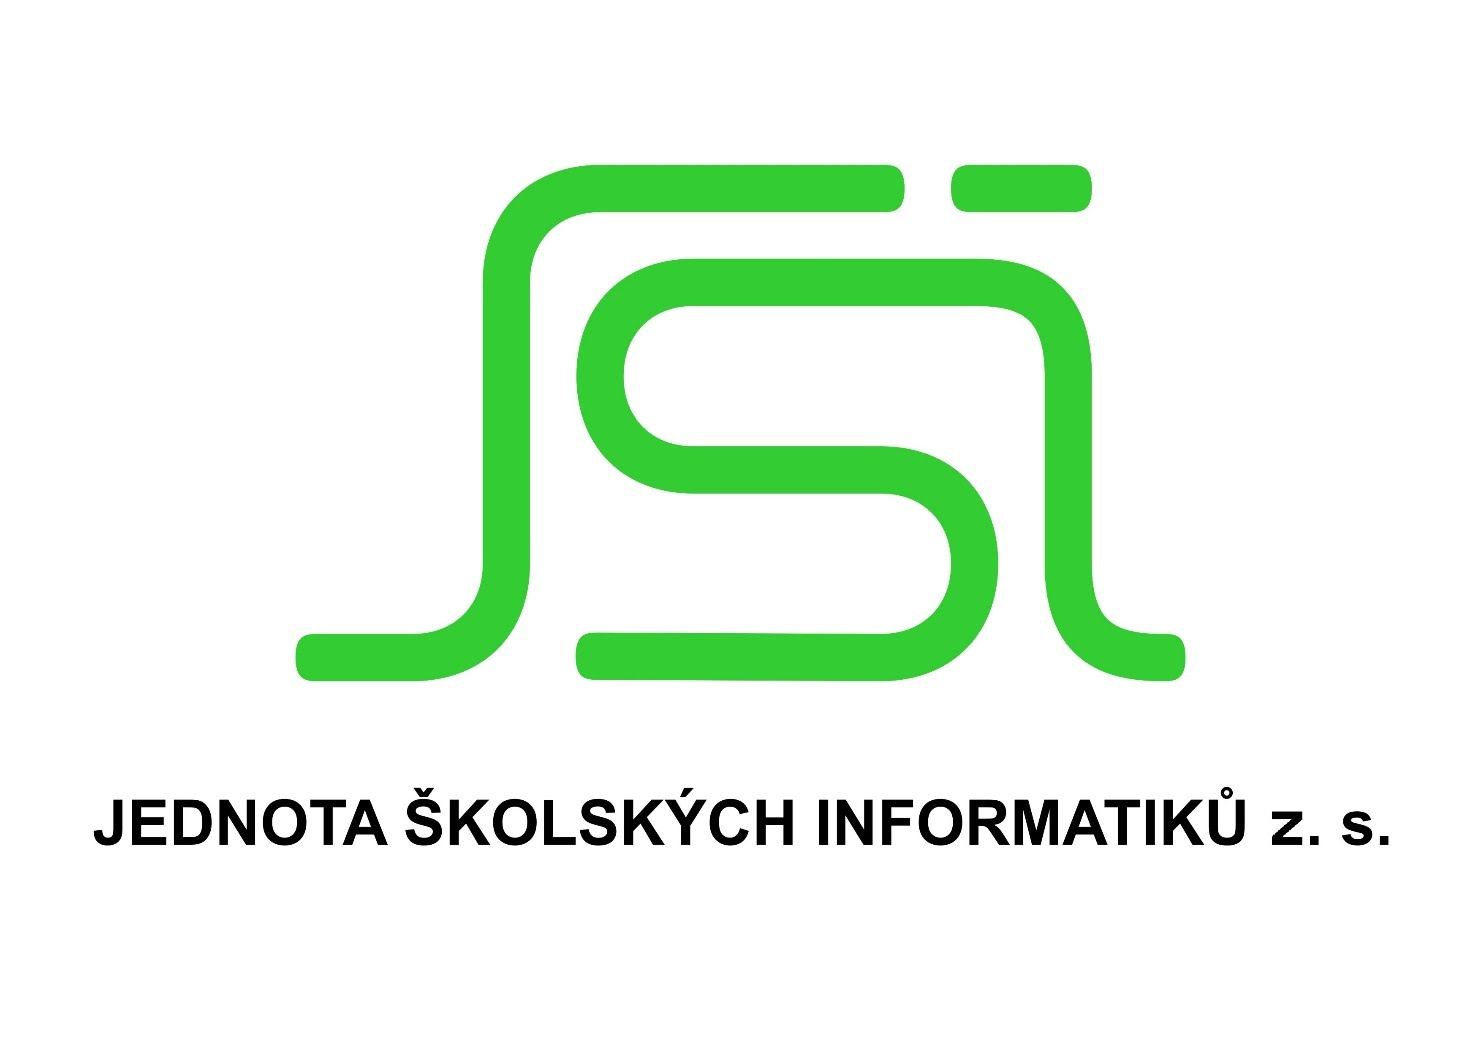 Projekt realizuje Jednota školských informatiků.